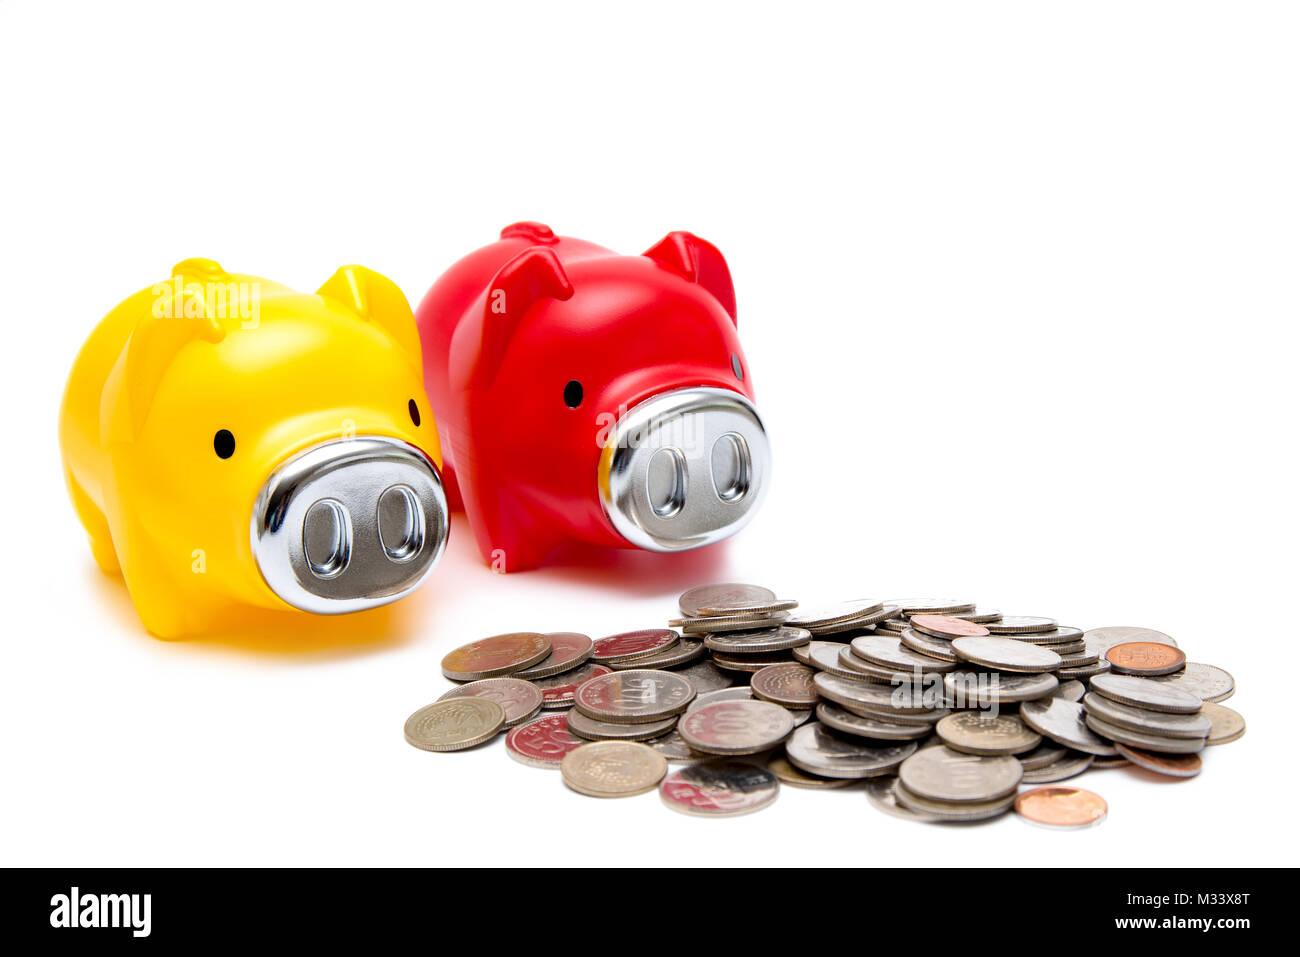 Münzen und Spardosen, wirtschaftliche Konzepte. Isoliert. Stockfoto